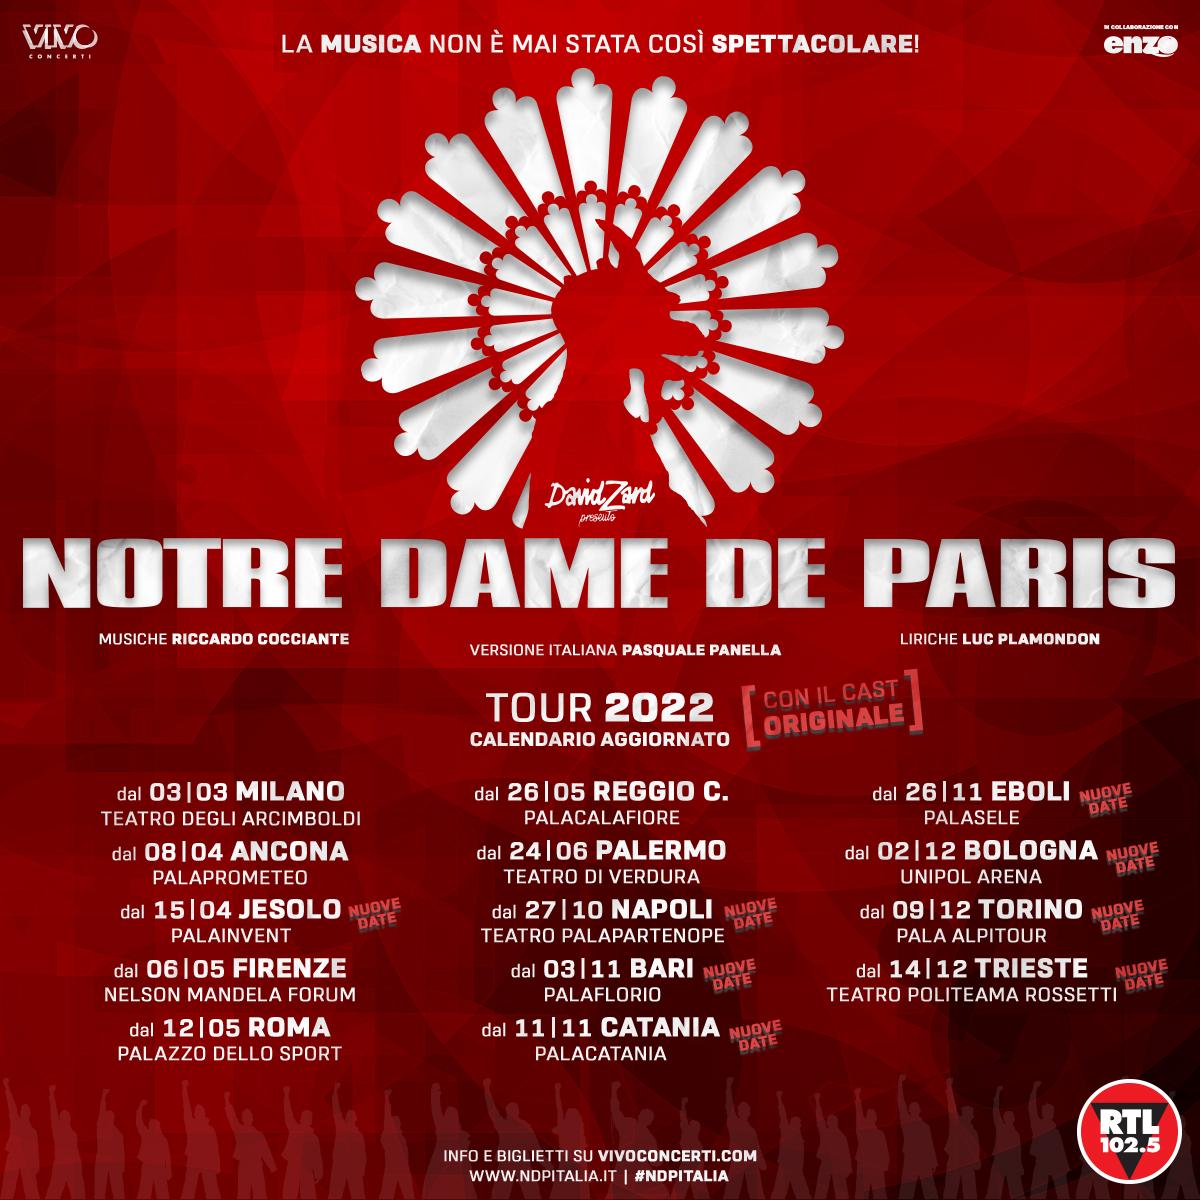 RIPROGRAMMATE LE TAPPE DI  NOTRE DAME DE PARIS:  APPUNTAMENTO AL PALASELE DI EBOLI  IL 26 E 27 NOVEMBRE 2022